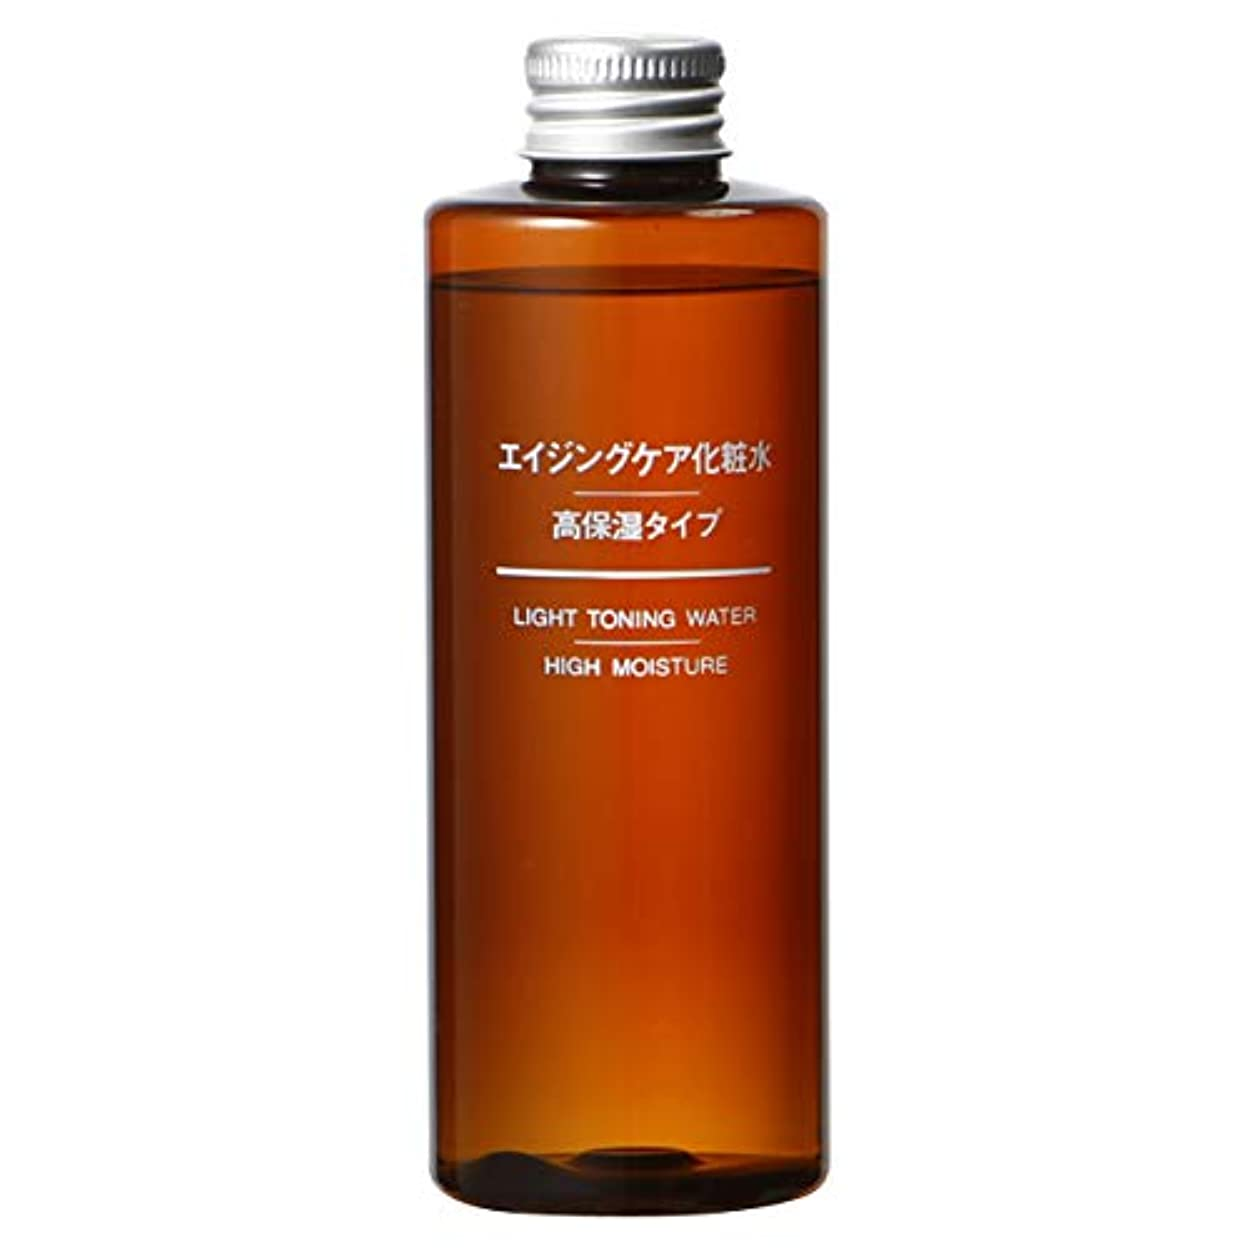 サルベージ買収気まぐれな無印良品 エイジングケア化粧水?高保湿タイプ 200ml